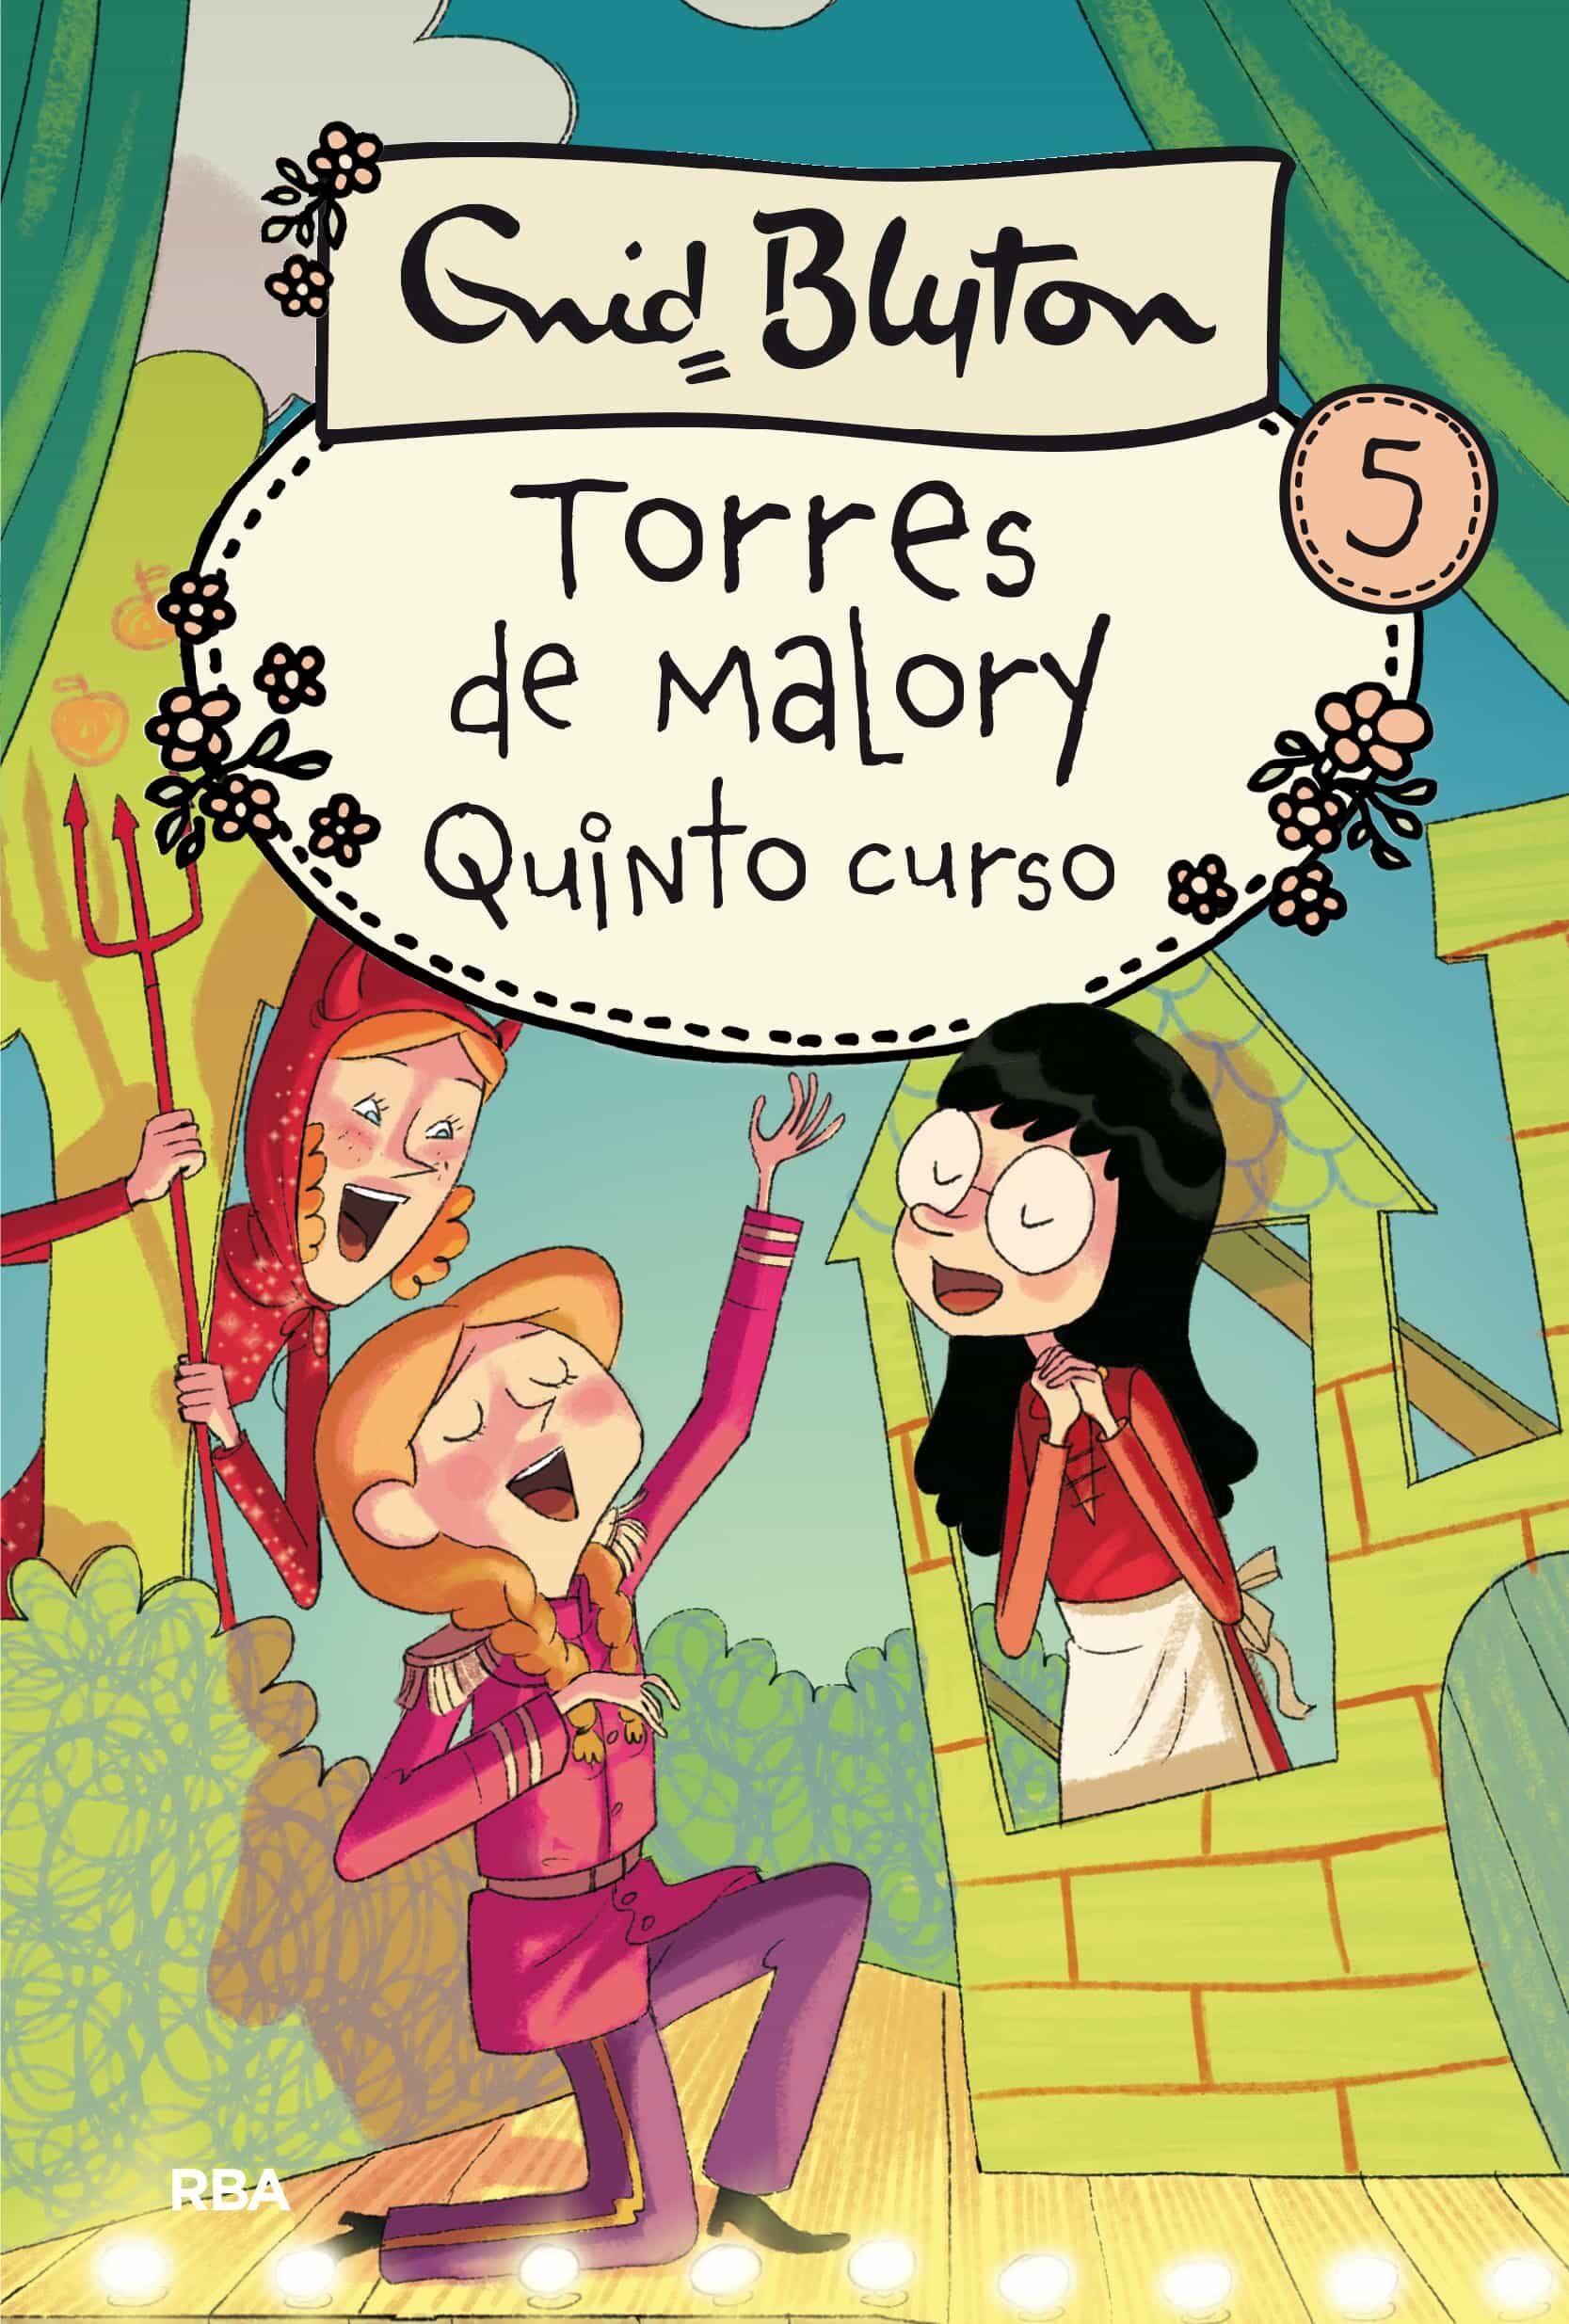 quinto grado en torres de malory (nueva edicion)-enid blyton-9788427203044